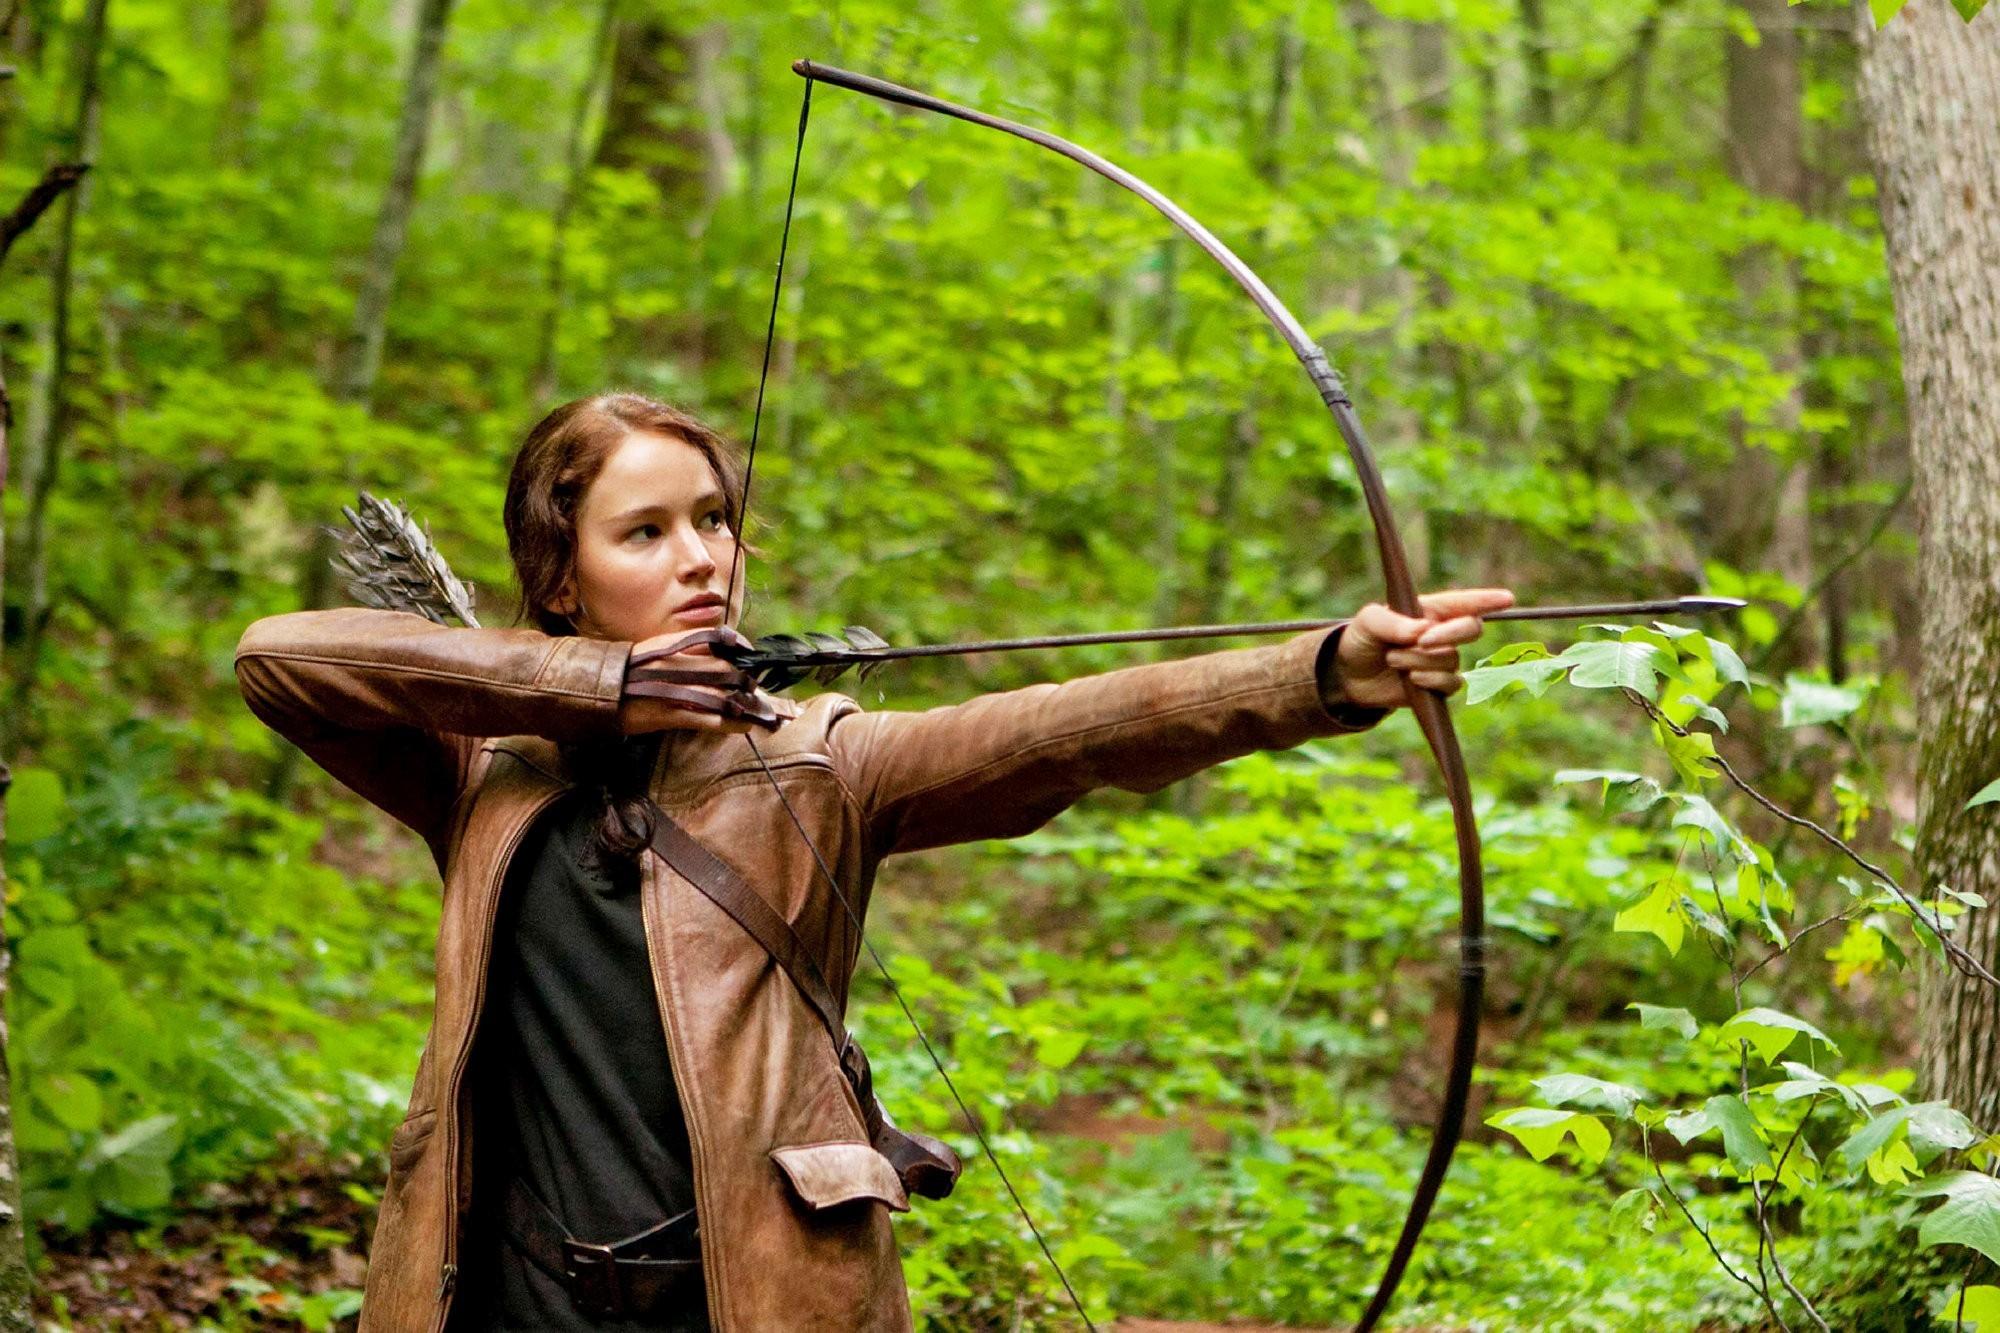 Look How Jennifer Lawrence (Katniss Everdeen) Stays In Shape